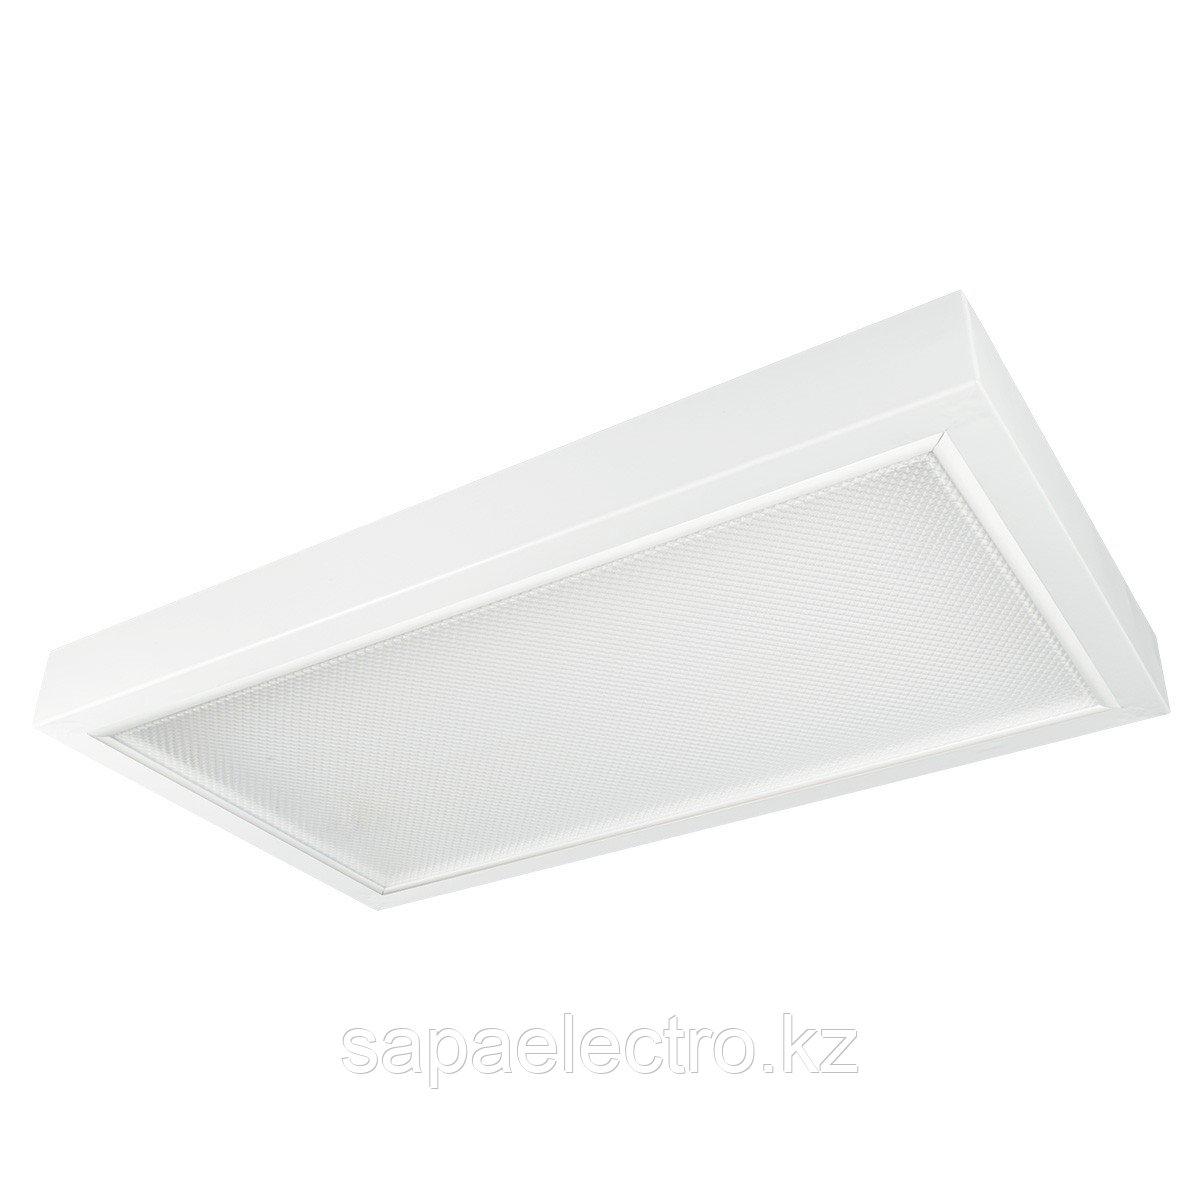 Св-к LEDTUBE LZN 2x9W/ 60см PRIZMA MODERNA  (с ламп